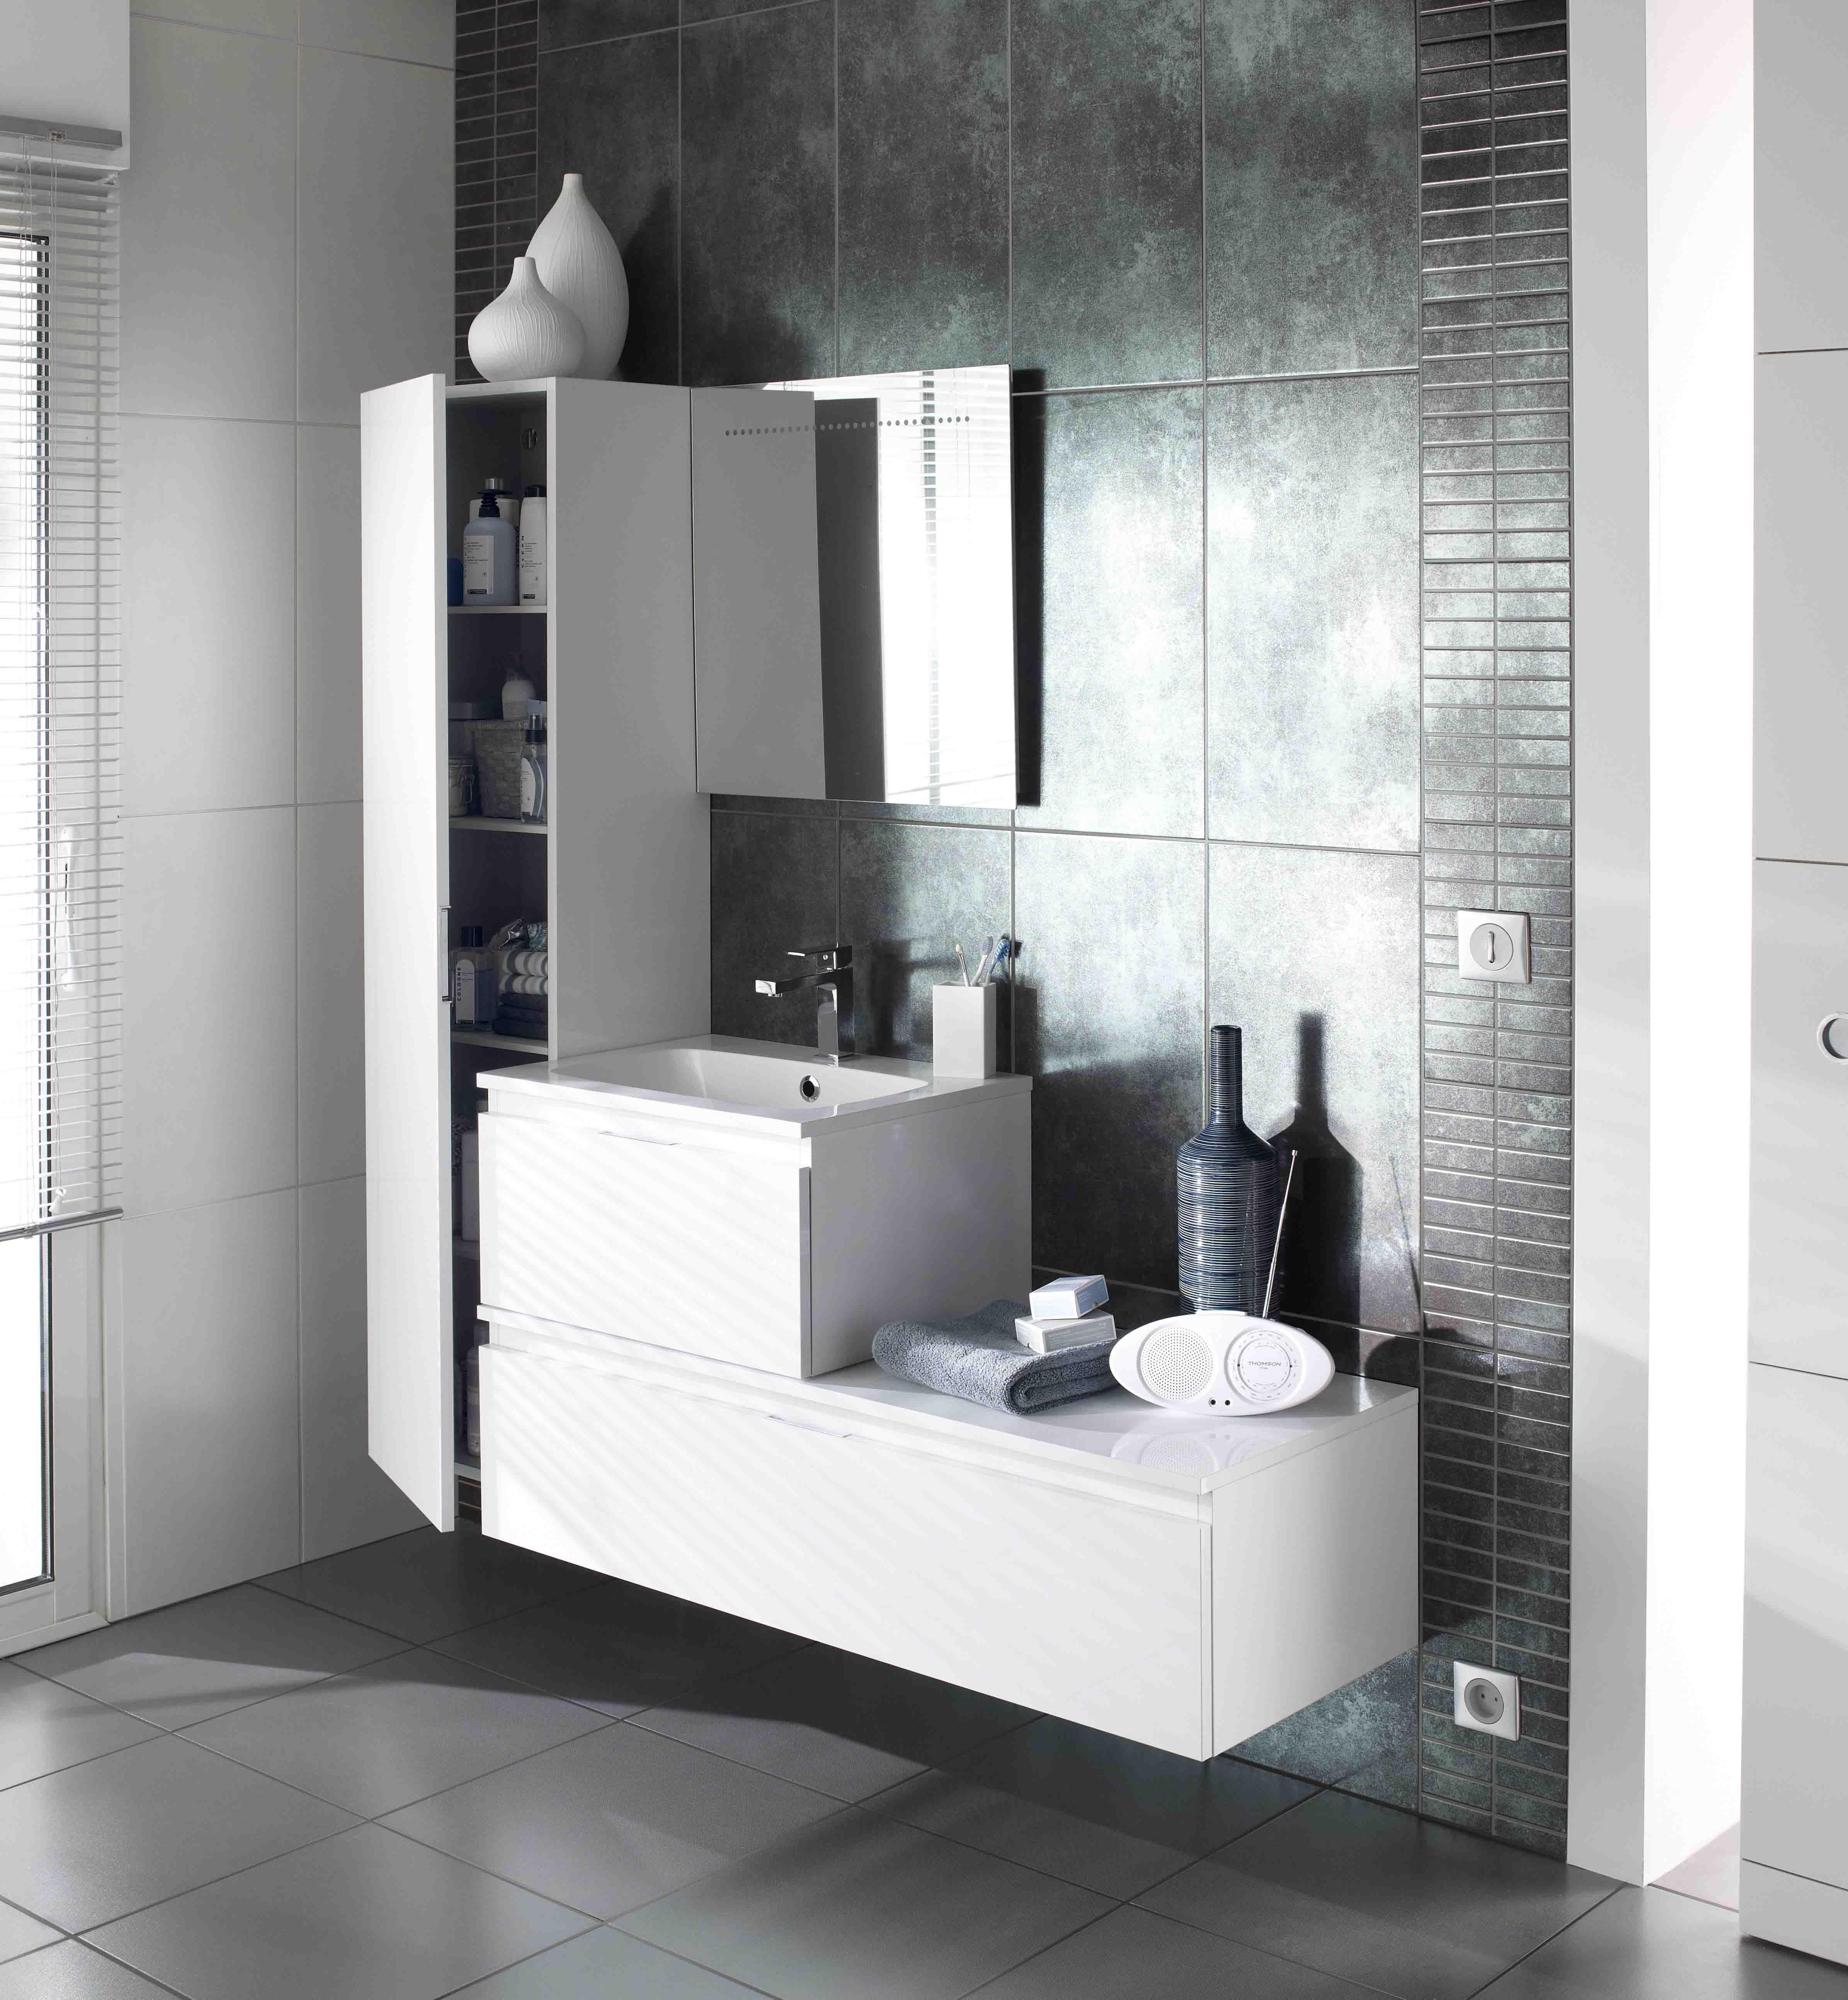 Avec ses diff rents coloris bois s assouvissez vos envies - Modele de salle de bain design ...